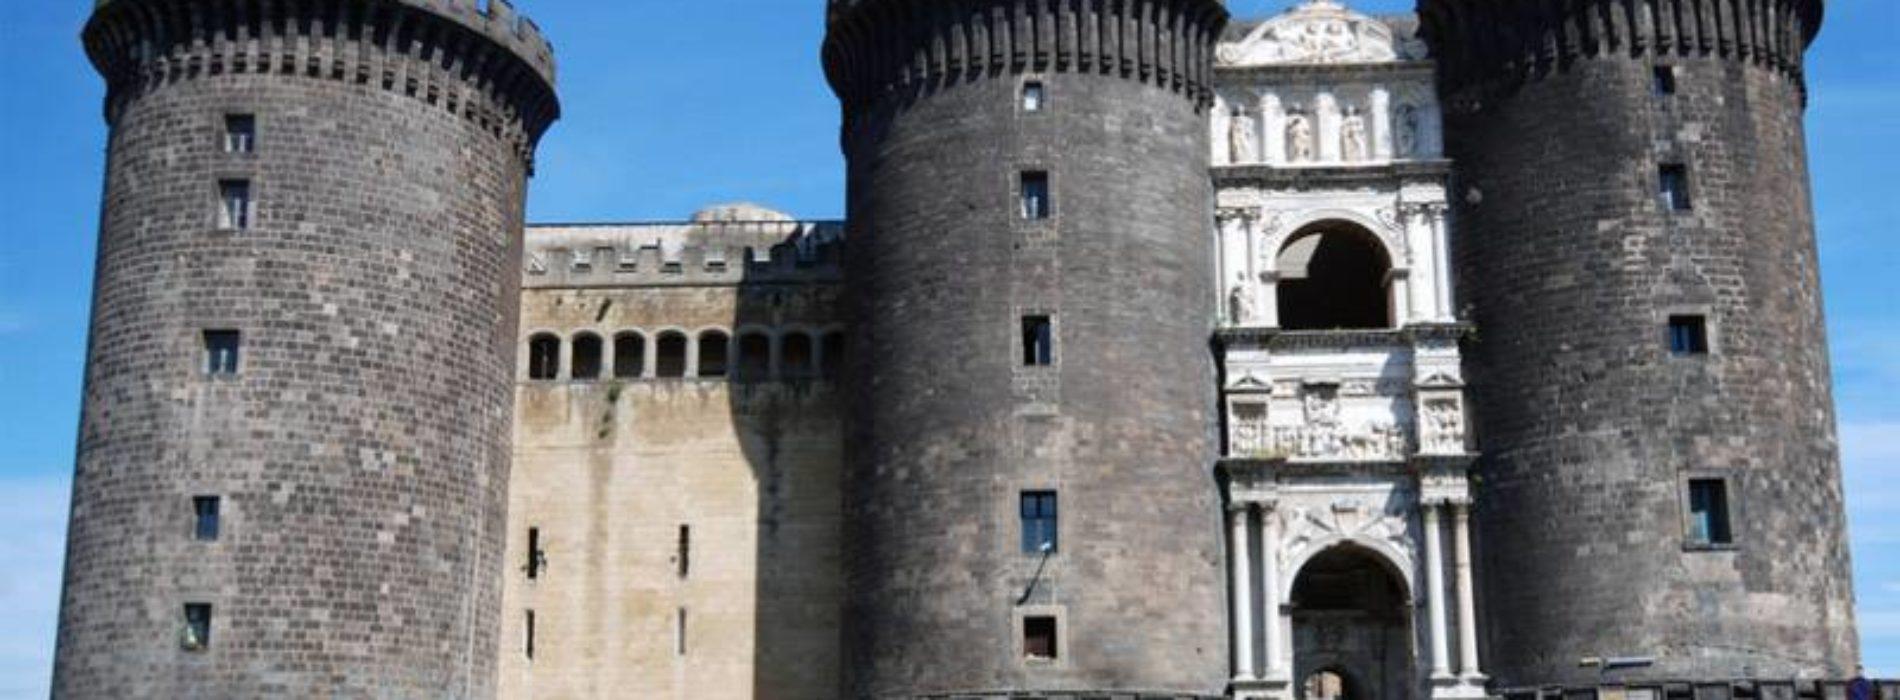 I sette castelli di Napoli